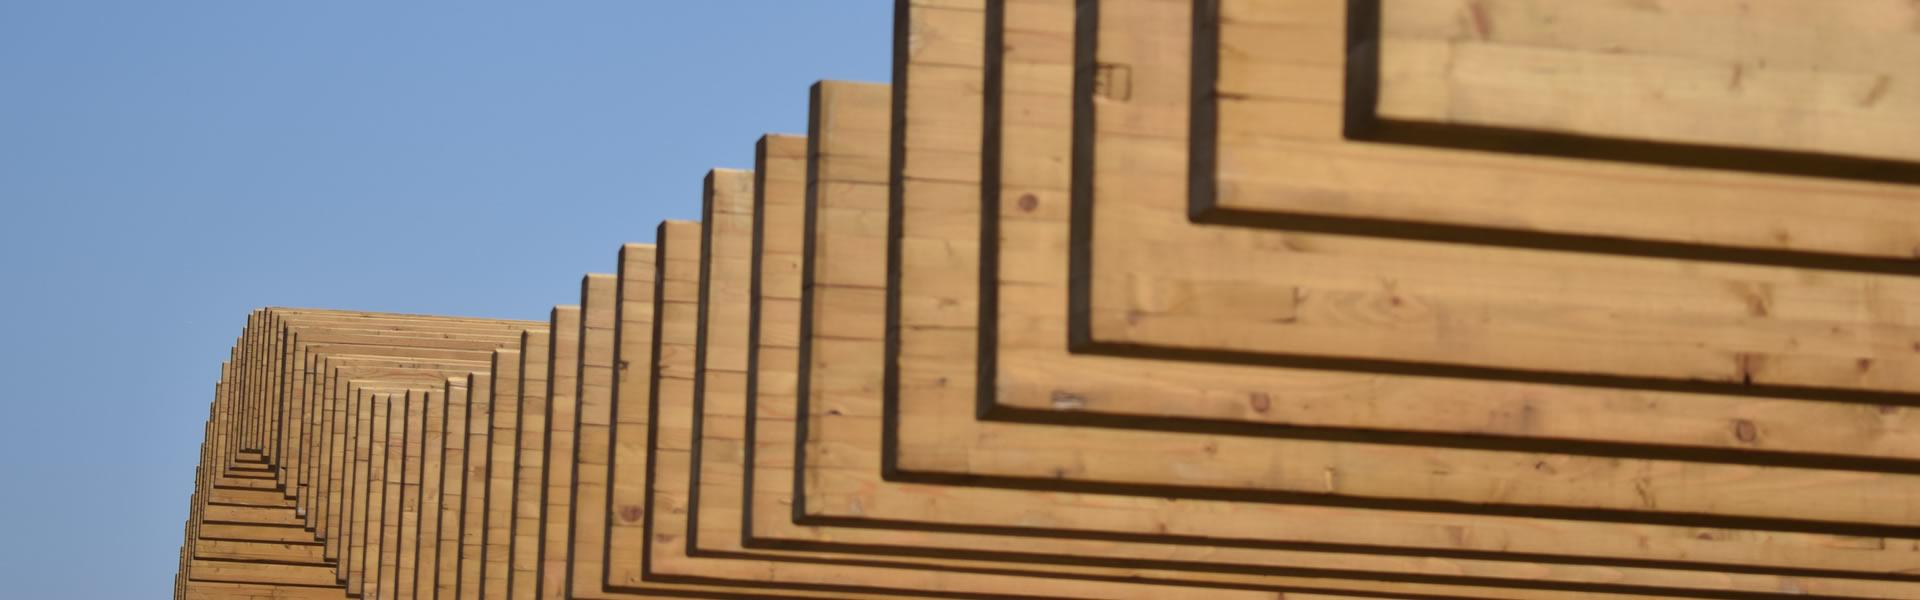 Lavorazioni massello e taglio legno